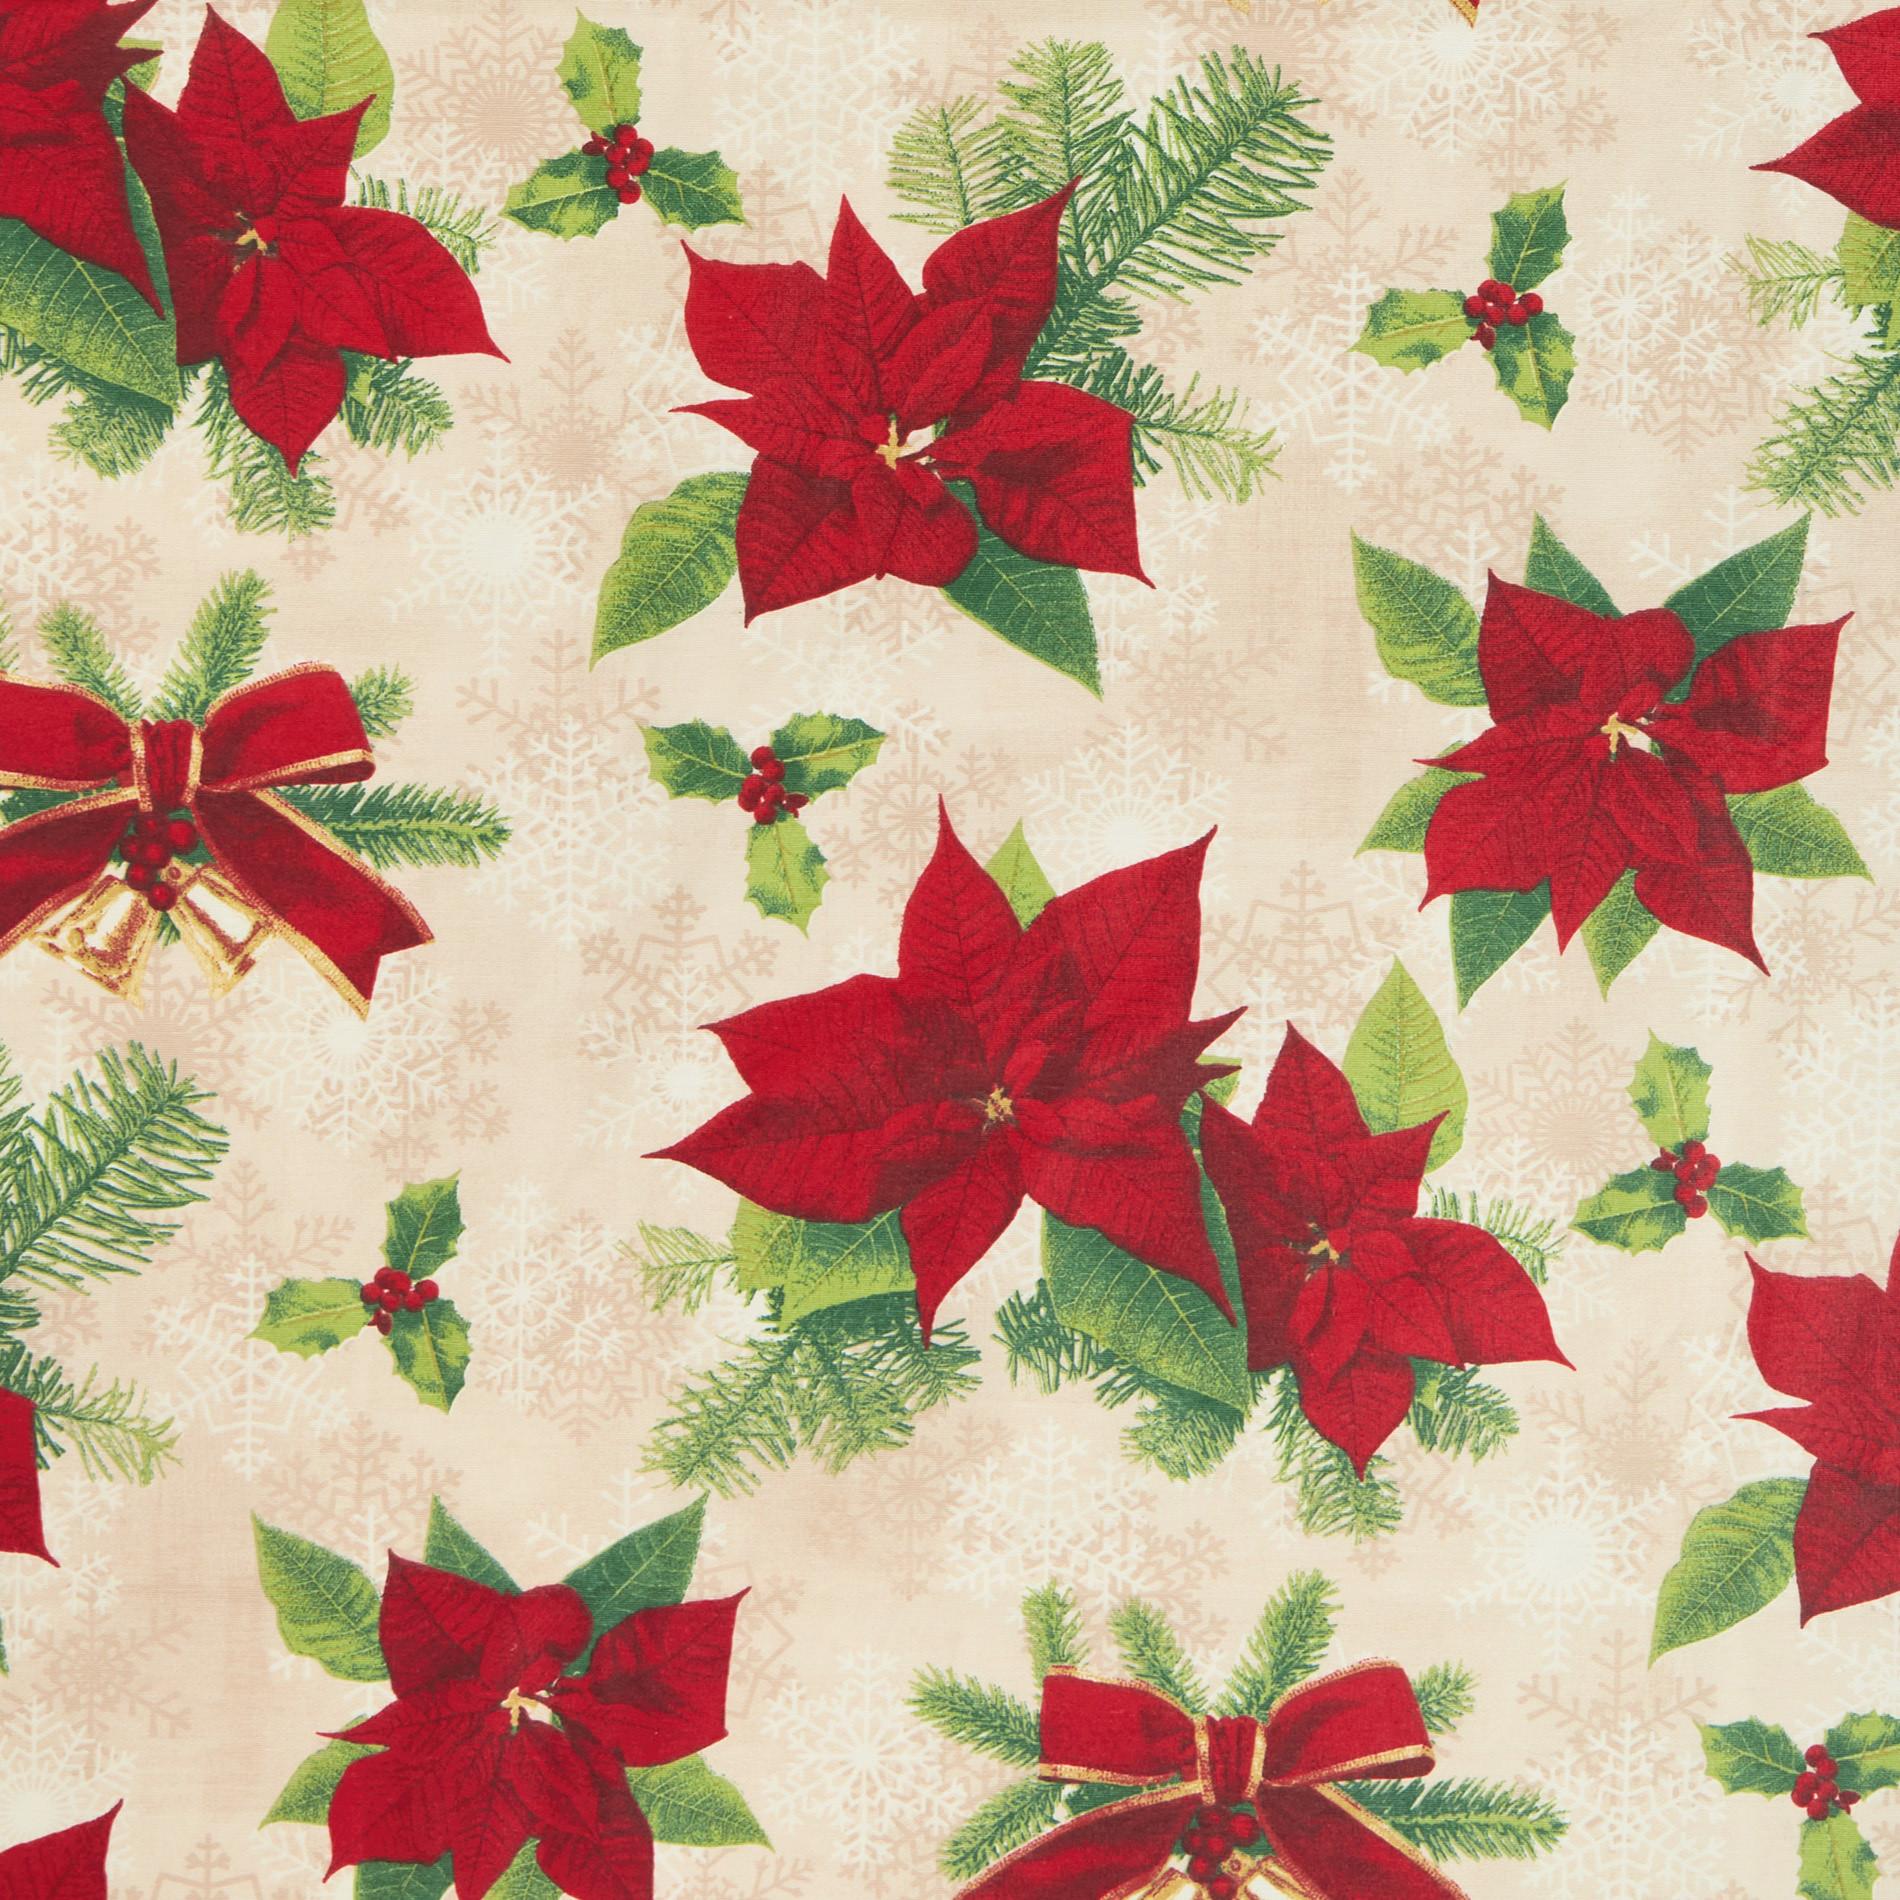 Tovaglia tessuto idrorepellente stampa natalizia, Bianco/Rosso, large image number 1